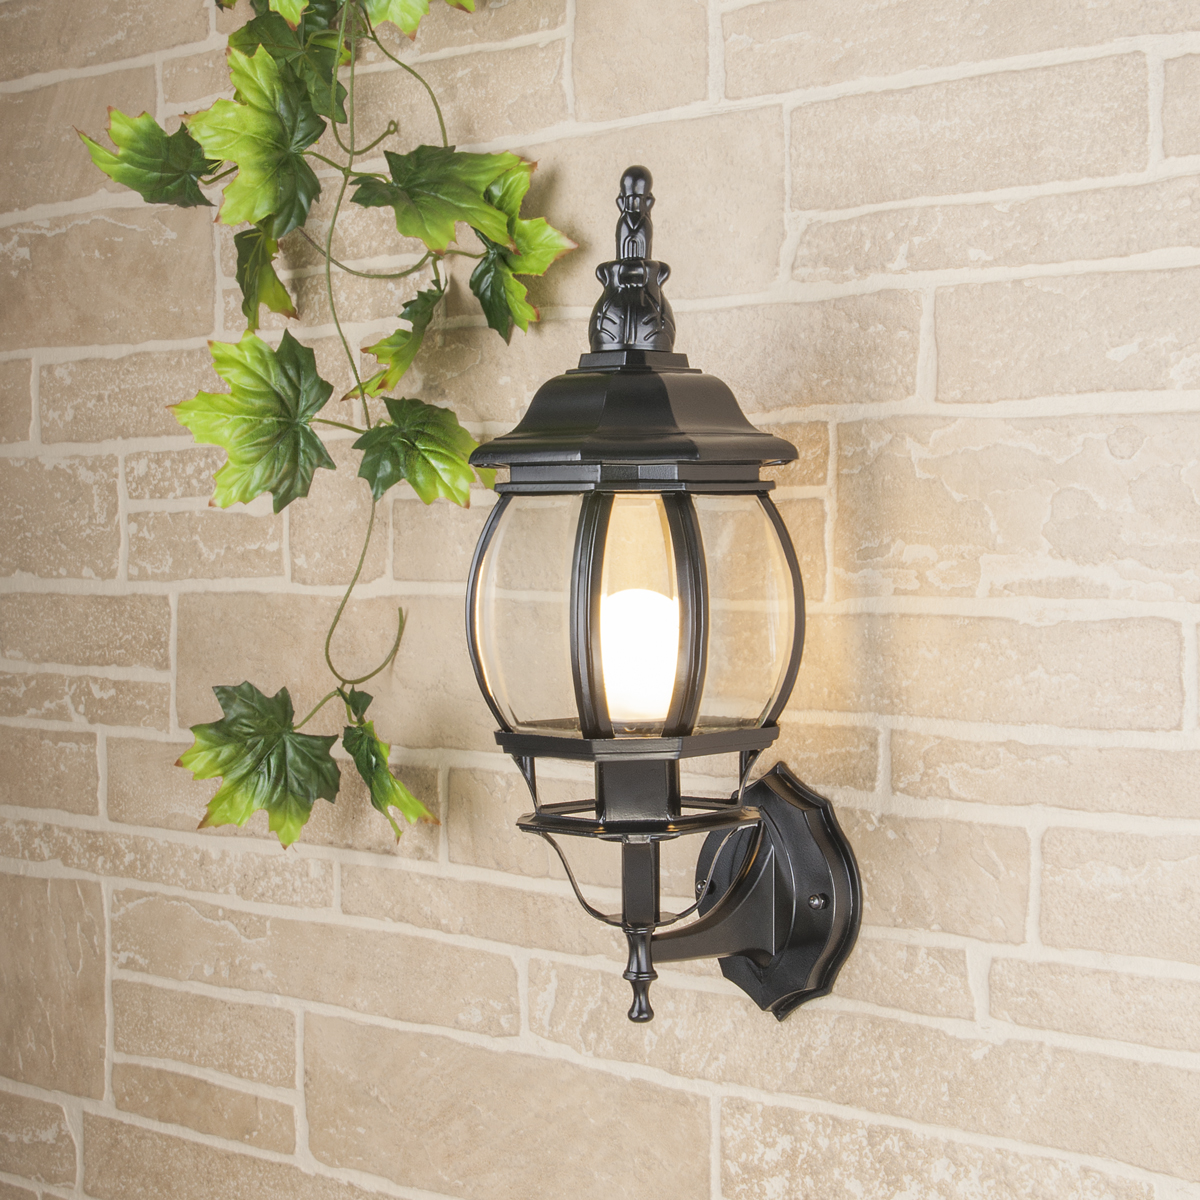 Уличный светильник GL 1001U (стена) черный